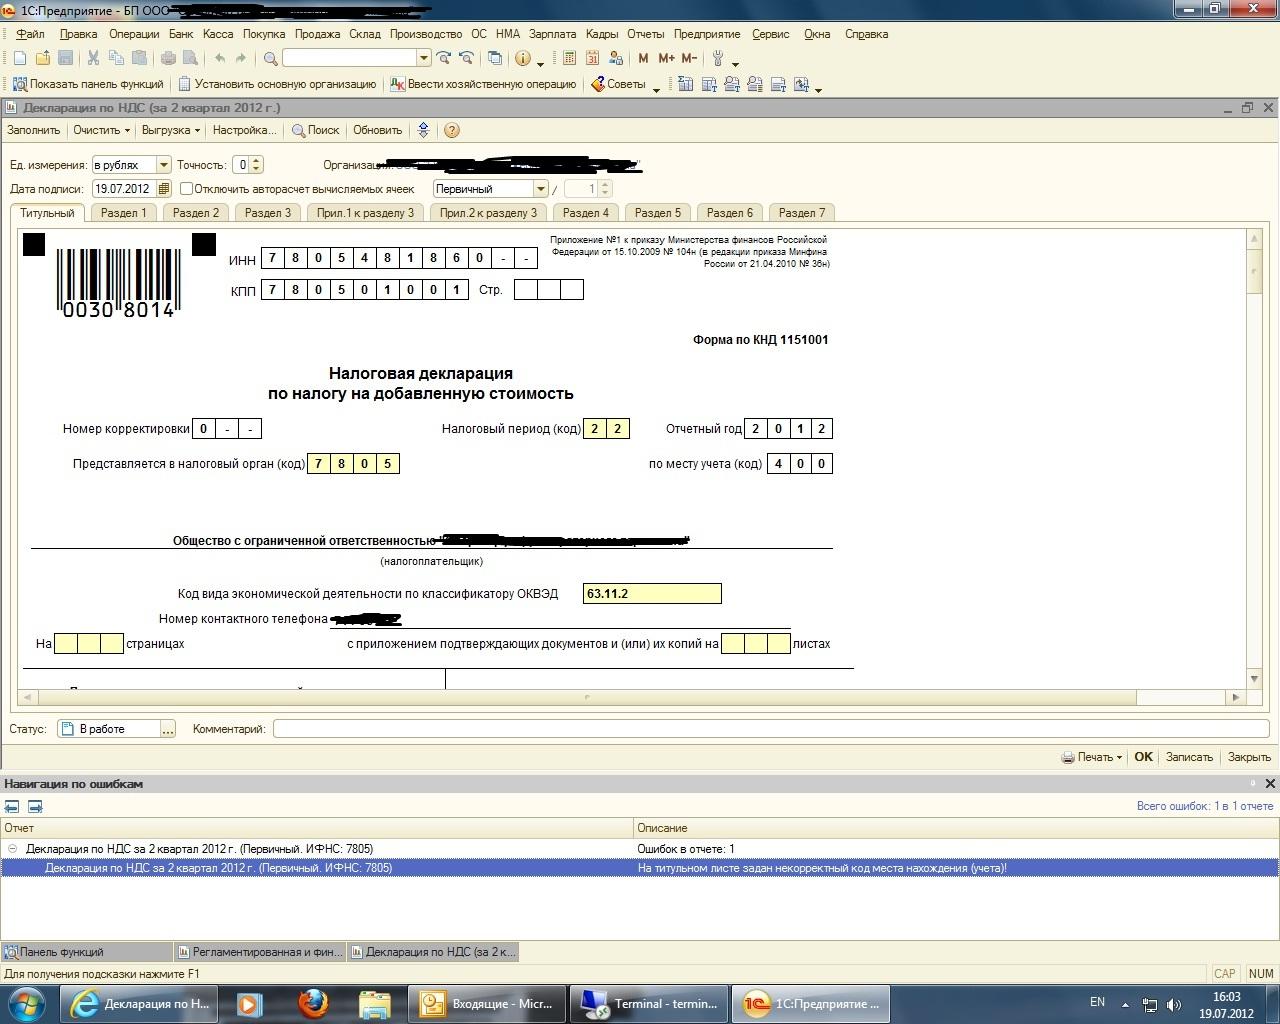 обычное корректировка отчета в ифнс рекомендуется ежедневно